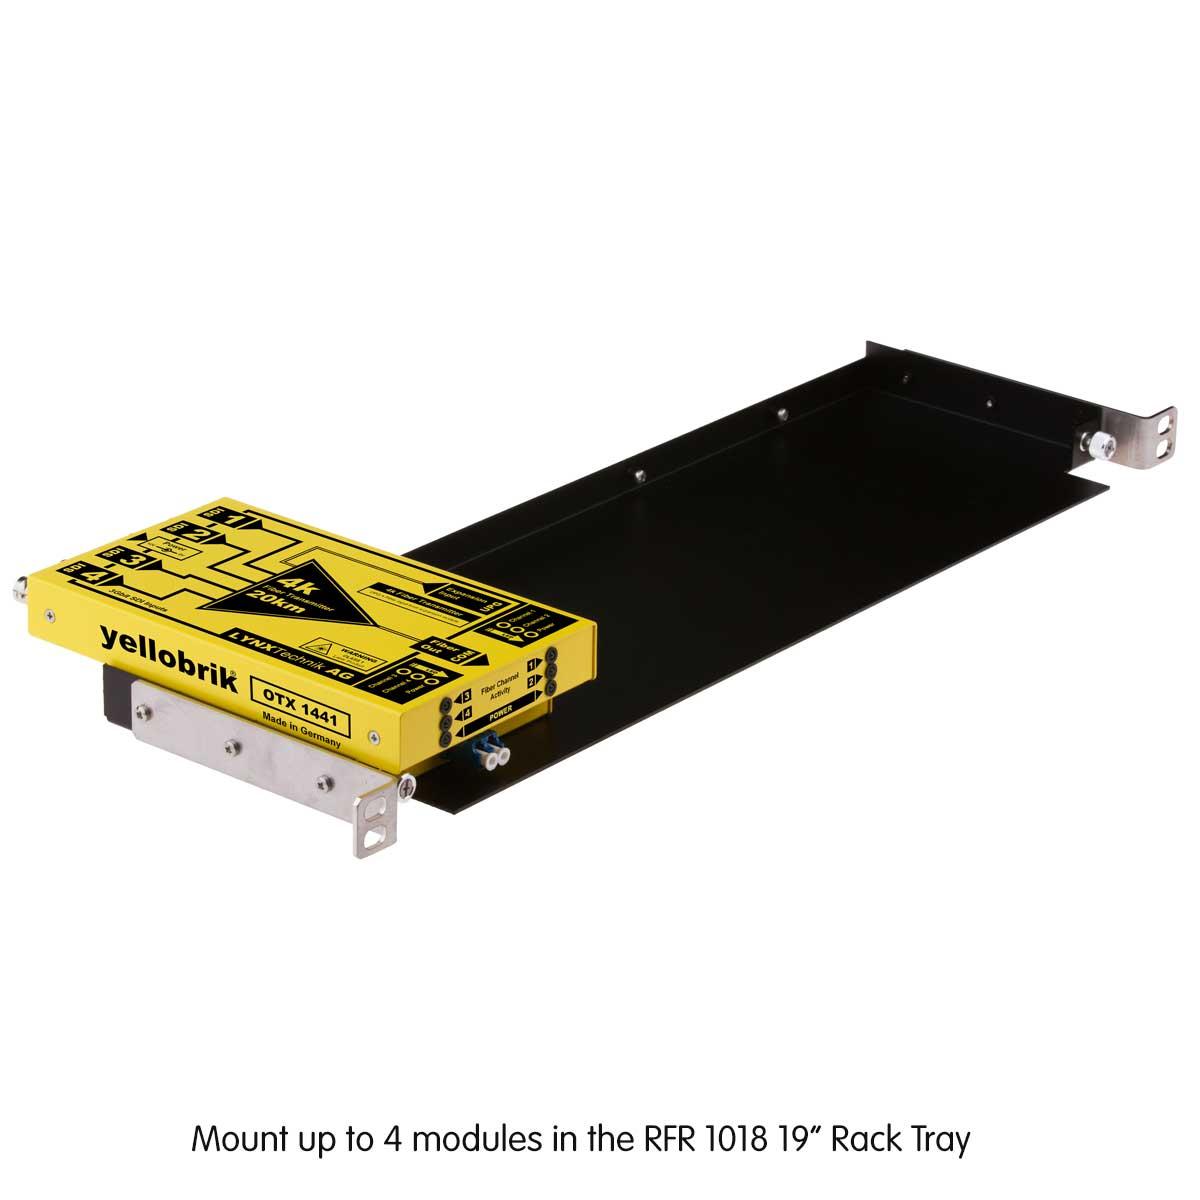 OTR 1441 yellobrik in RFR 1018 Rack Frame